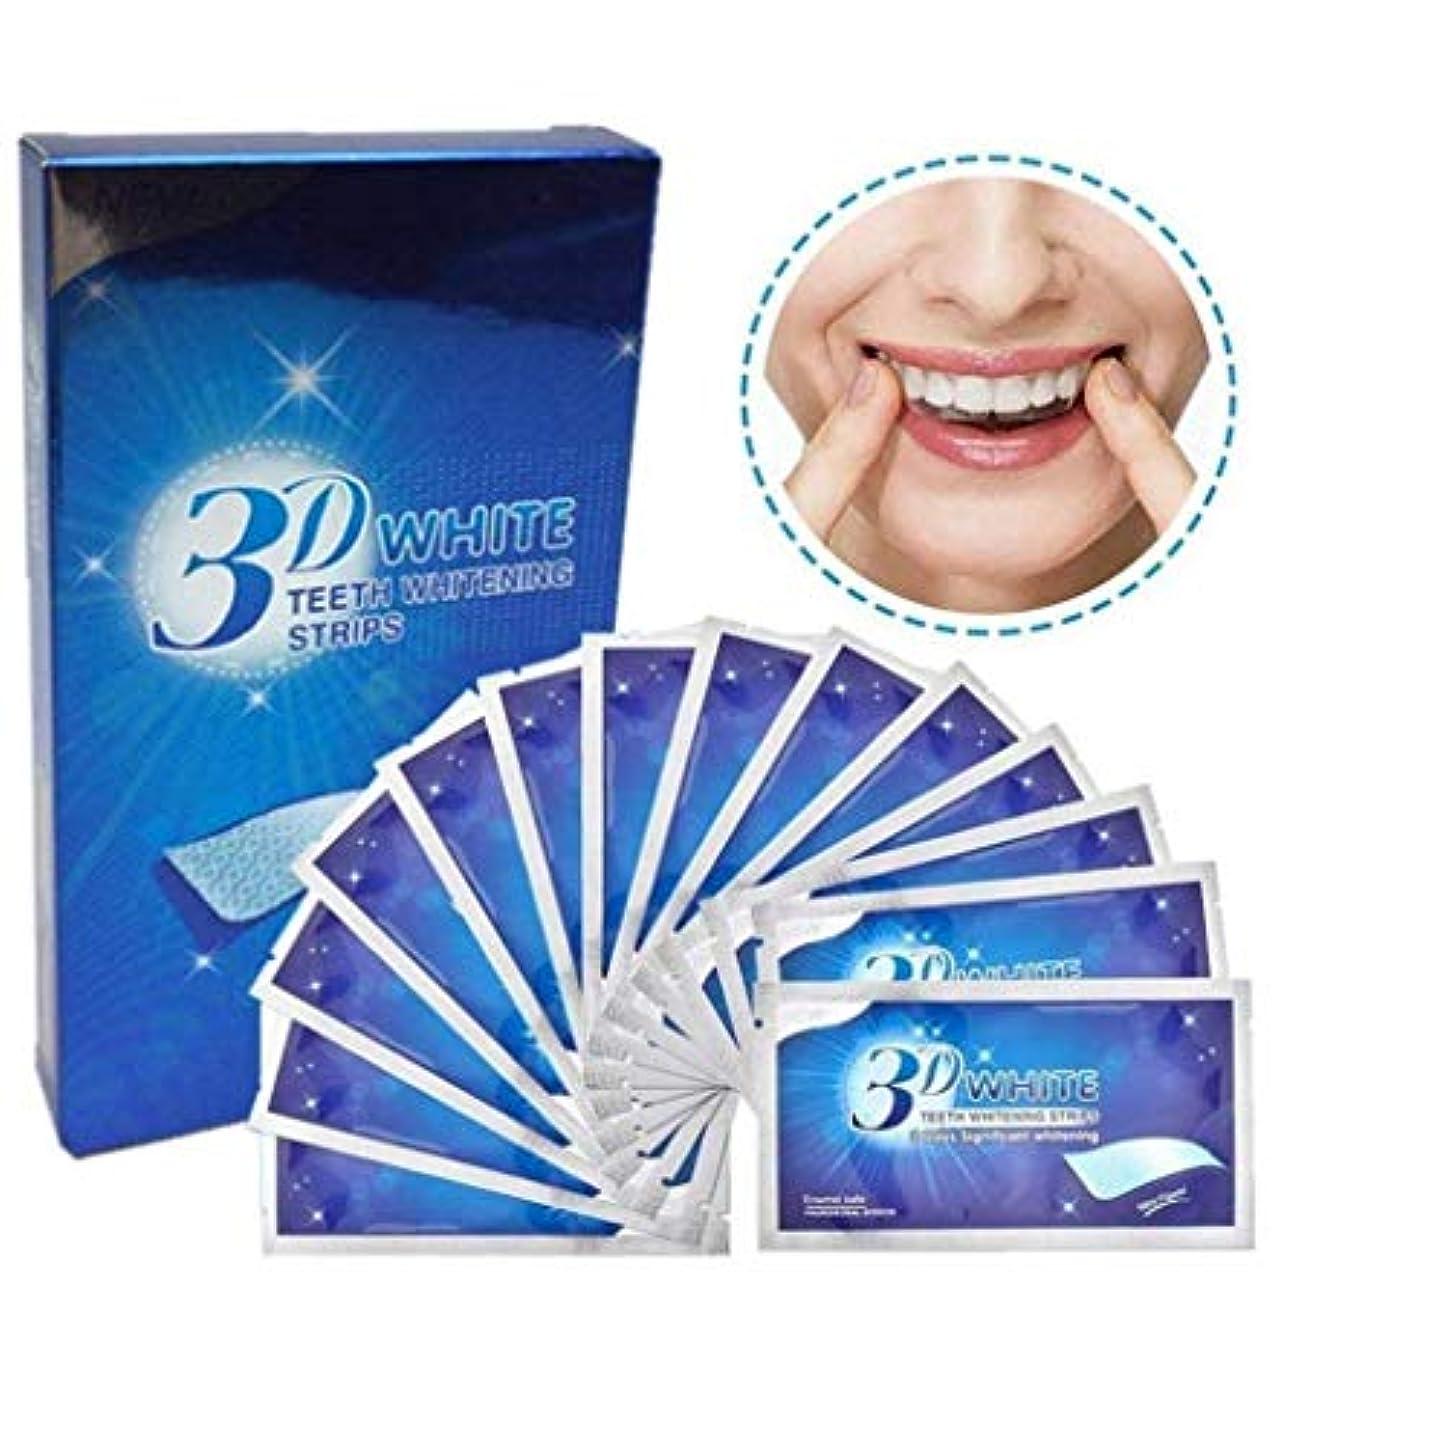 苛性著者最終的に歯 美白 ホワイトニング マニキュア 歯ケア 歯のホワイトニング 美白歯磨き 歯を白 ホワイトニングテープ 歯を漂白 14枚